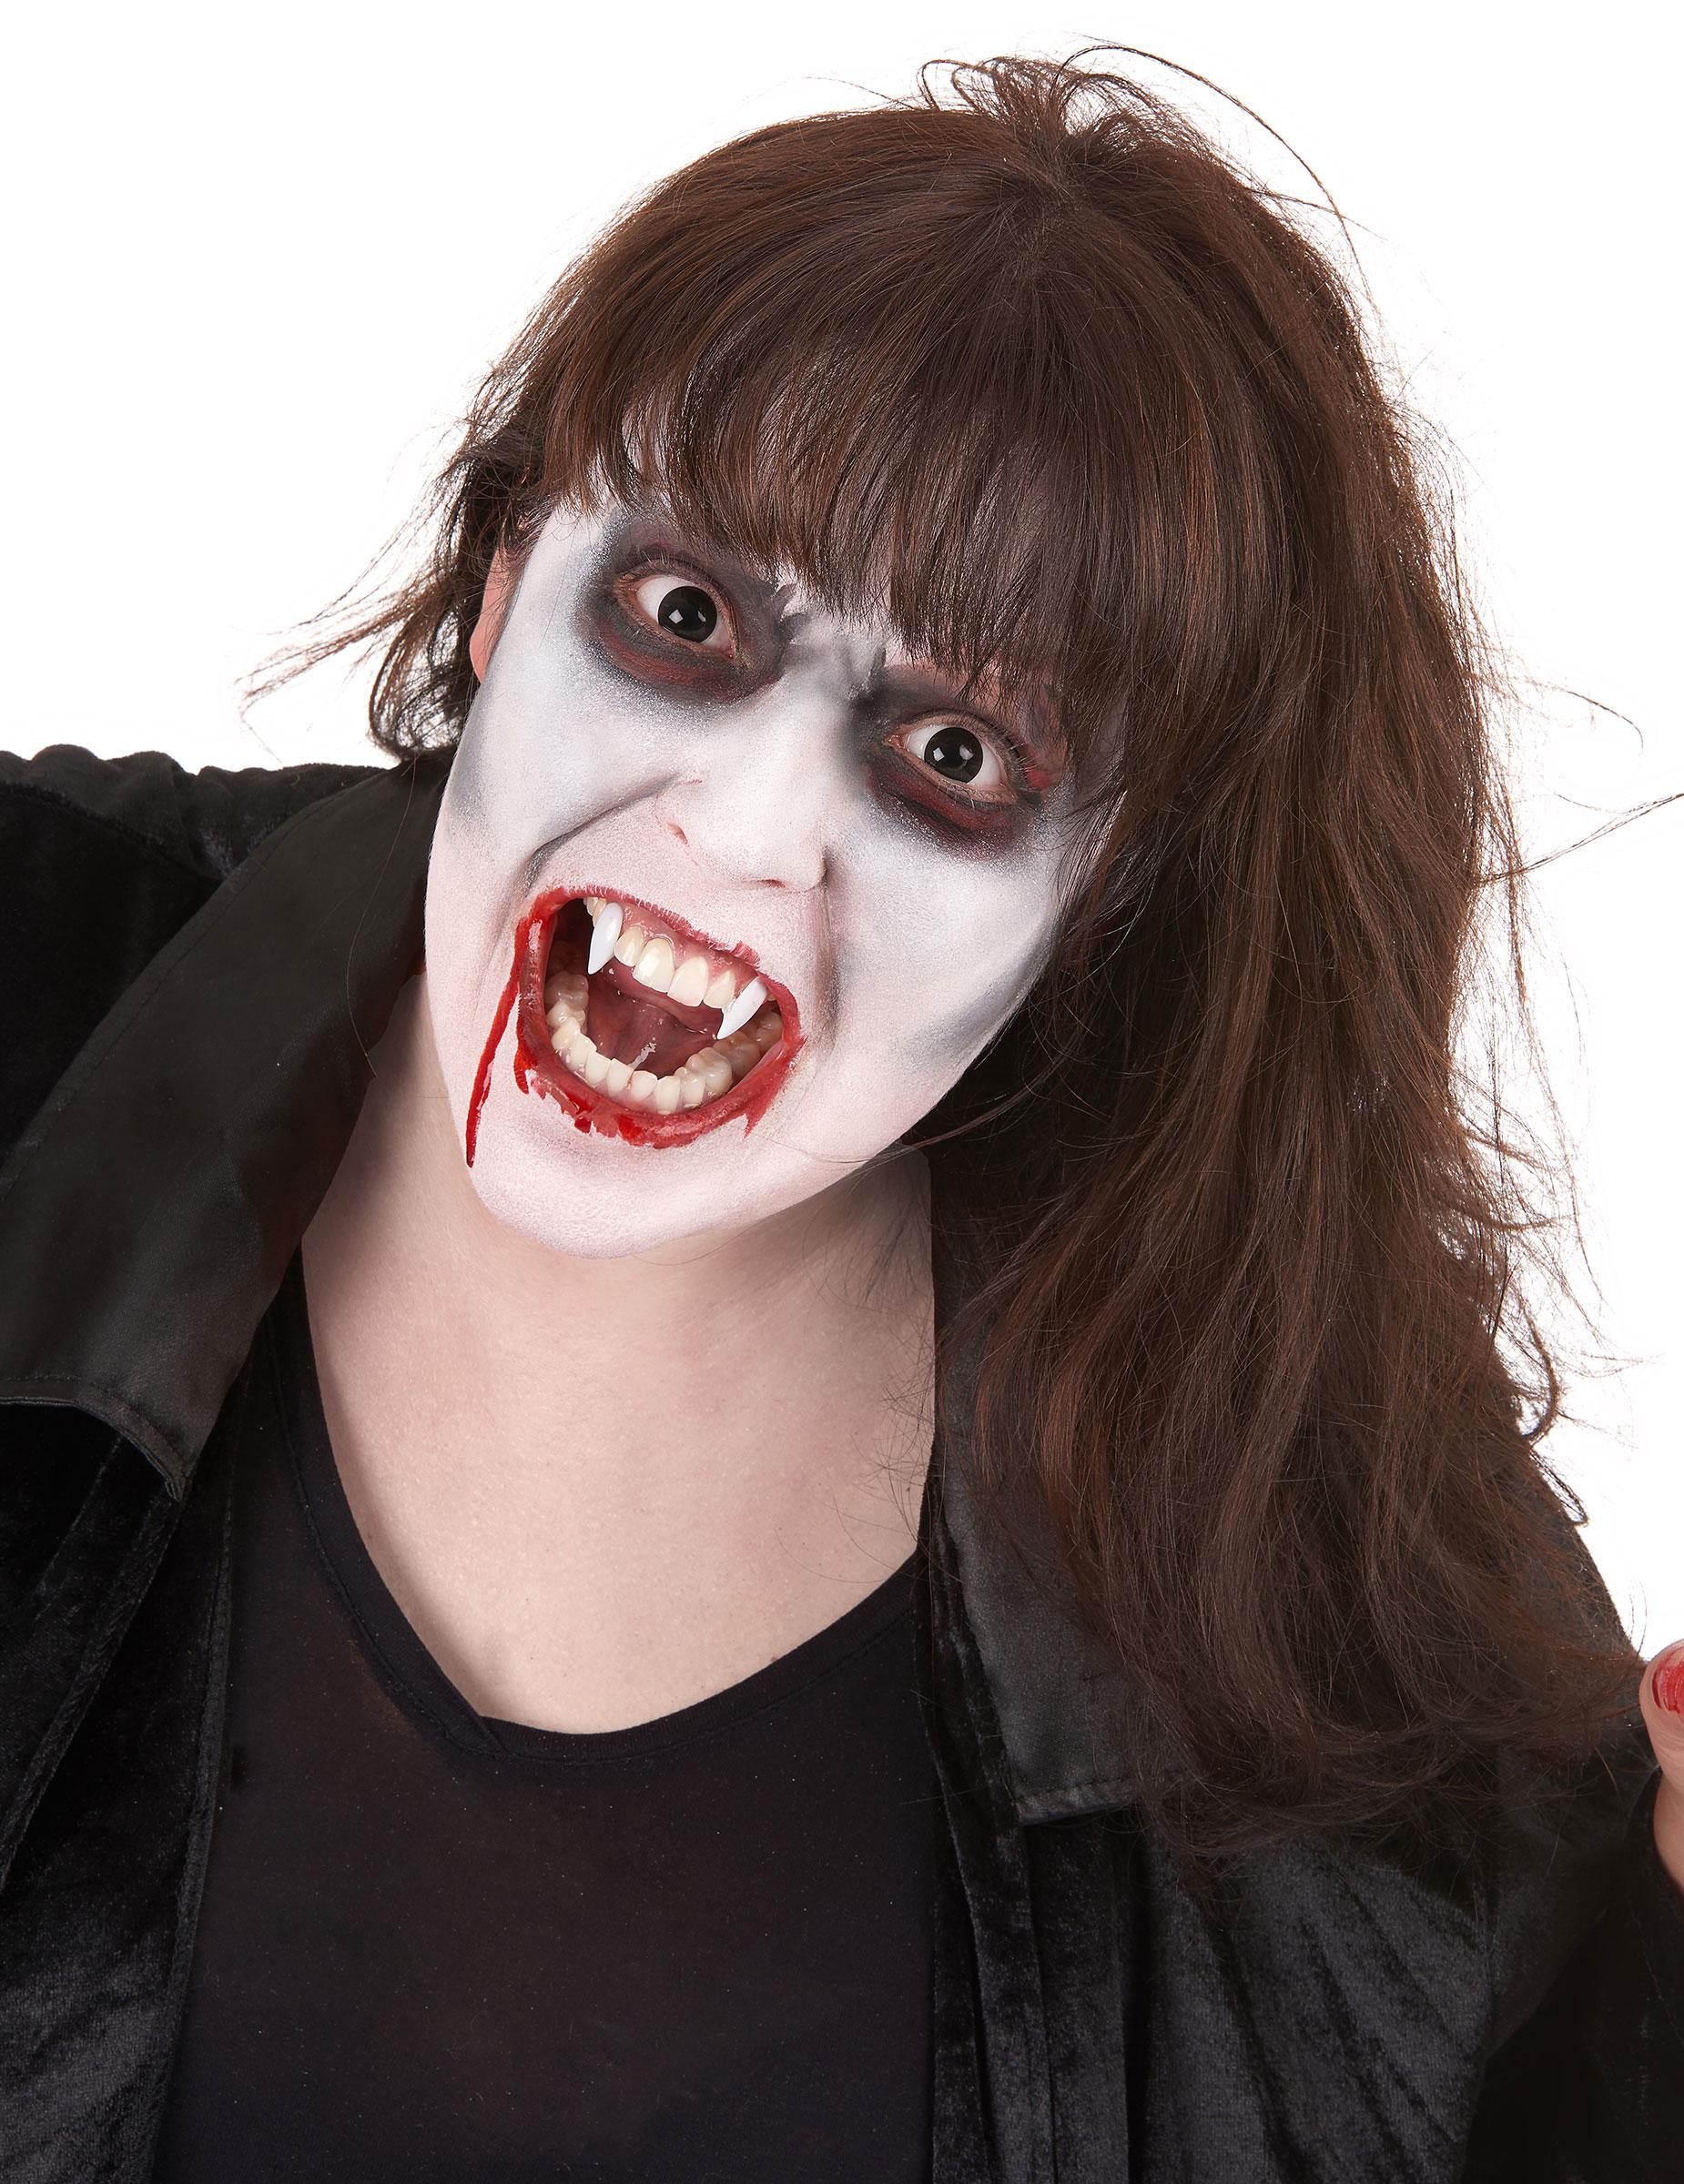 vampier schmink set met lenzen voor volwassenen schmink en goedkope carnavalskleding vegaoo. Black Bedroom Furniture Sets. Home Design Ideas